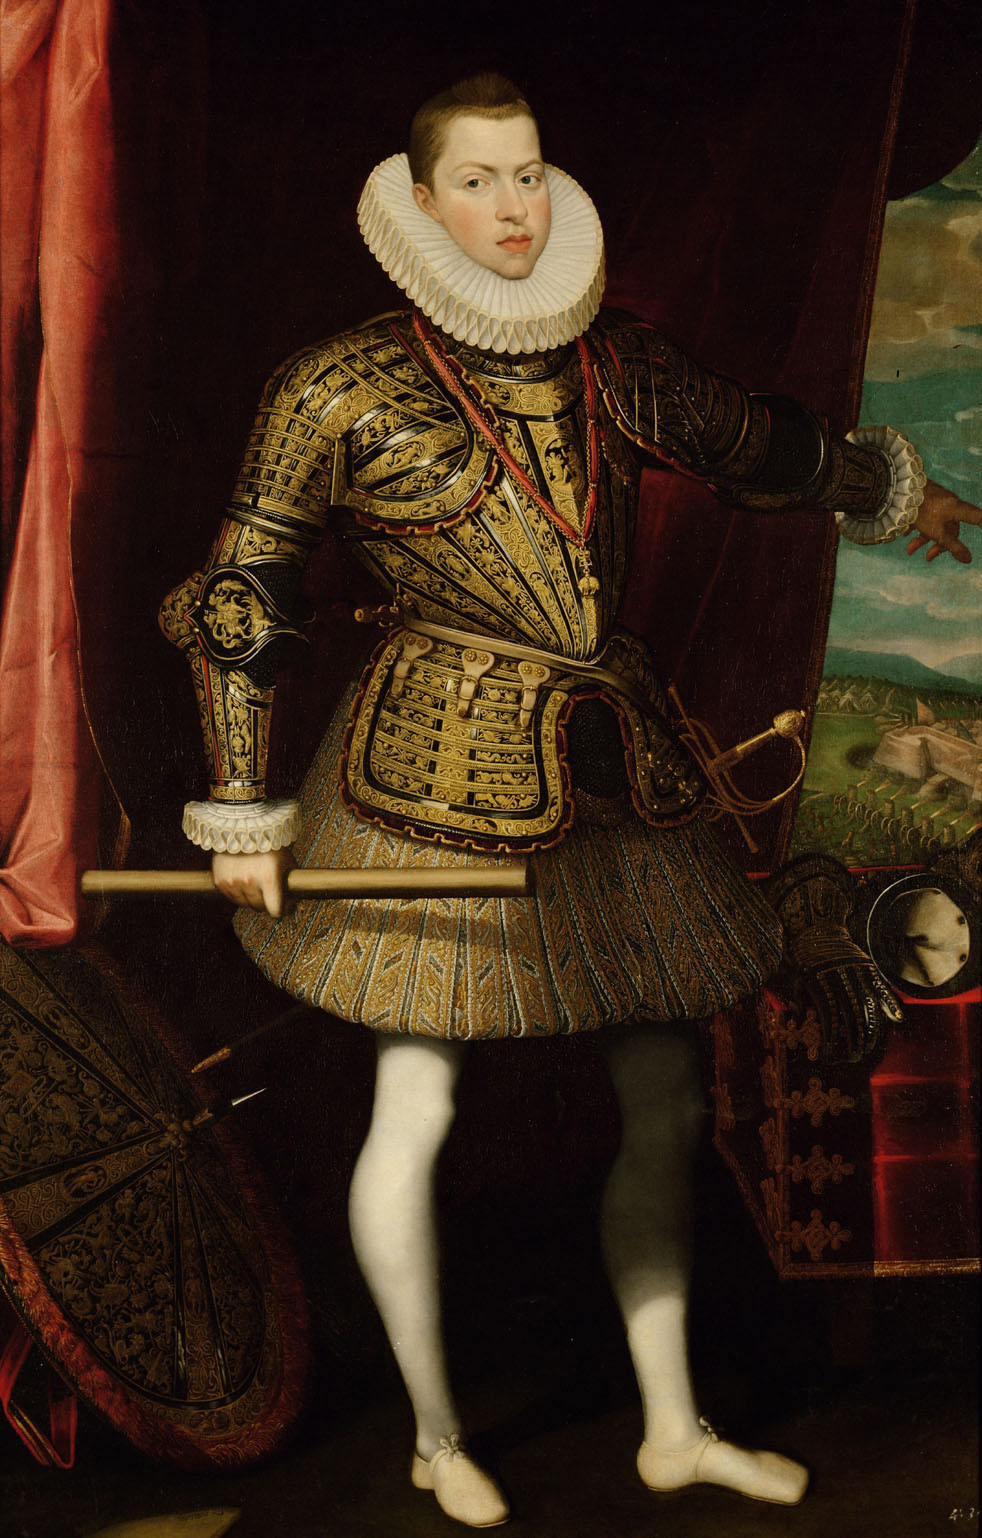 König Philipp III.(1578-1621) von Spanien, Bildnis in ganzer Figur als General der Infanterie (Im Hintergrund: Die Belagerung von Ostende 1601-1604) von Juan Pantoja de la Cruz